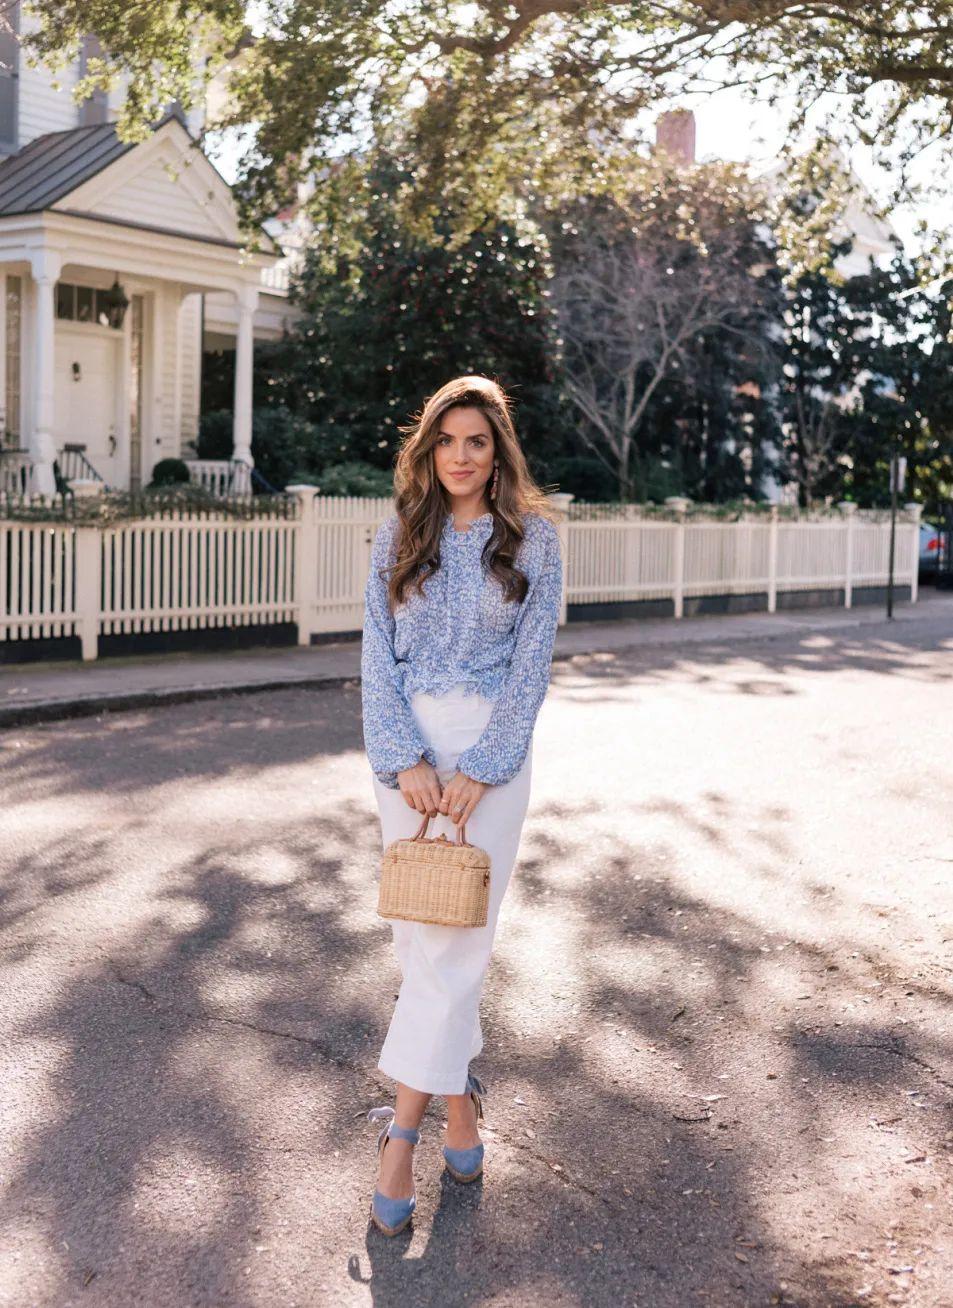 Áo blouse + quần jeans: Combo giúp nàng công sở trông sang như gái Pháp trong ngày Thu - Ảnh 6.